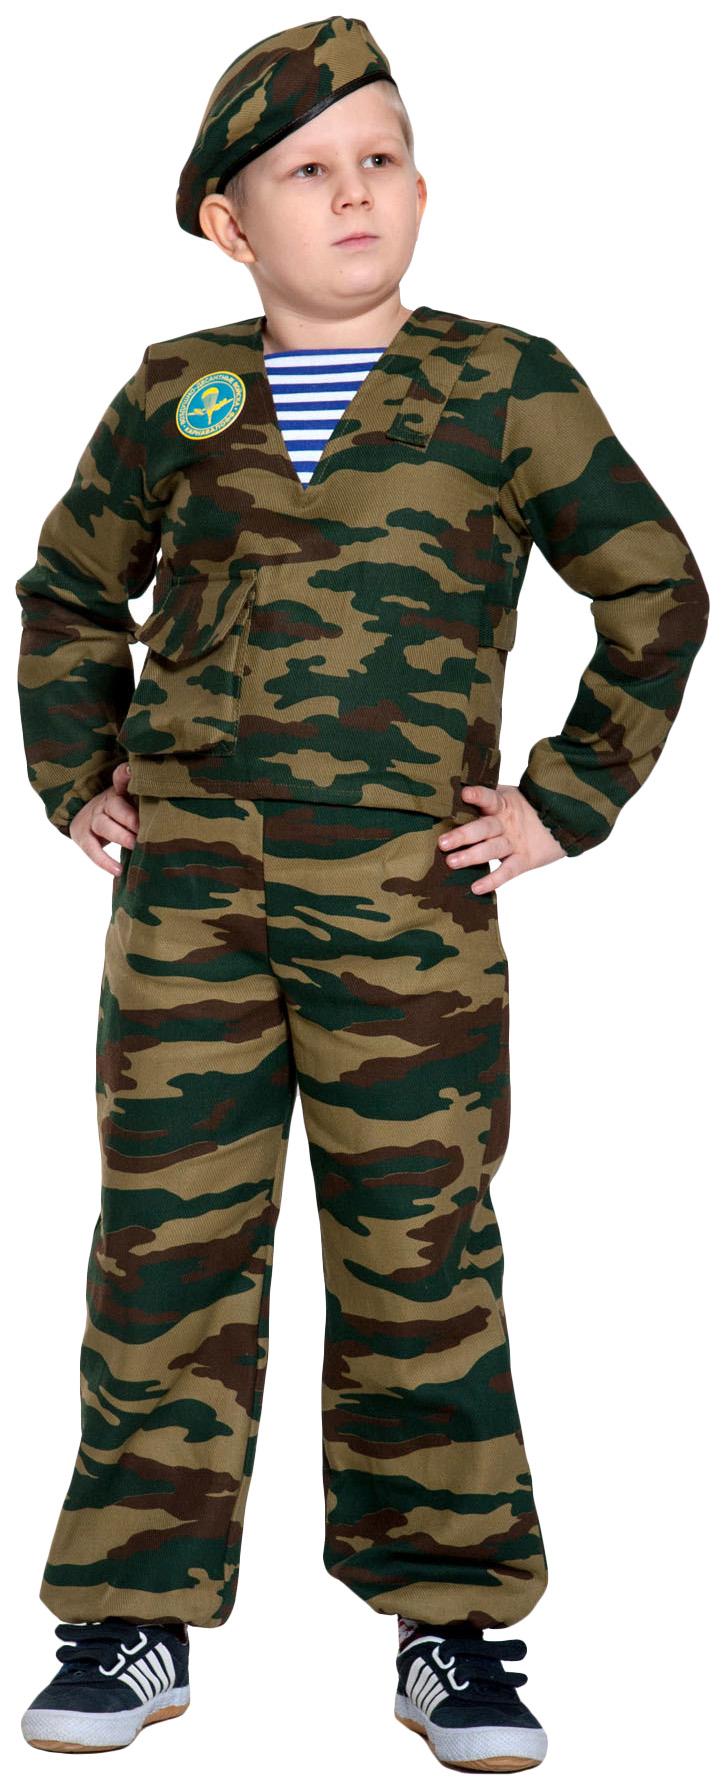 Купить 5112, Карнавальный костюм Карнавалофф Военный, цв. хаки р.134,